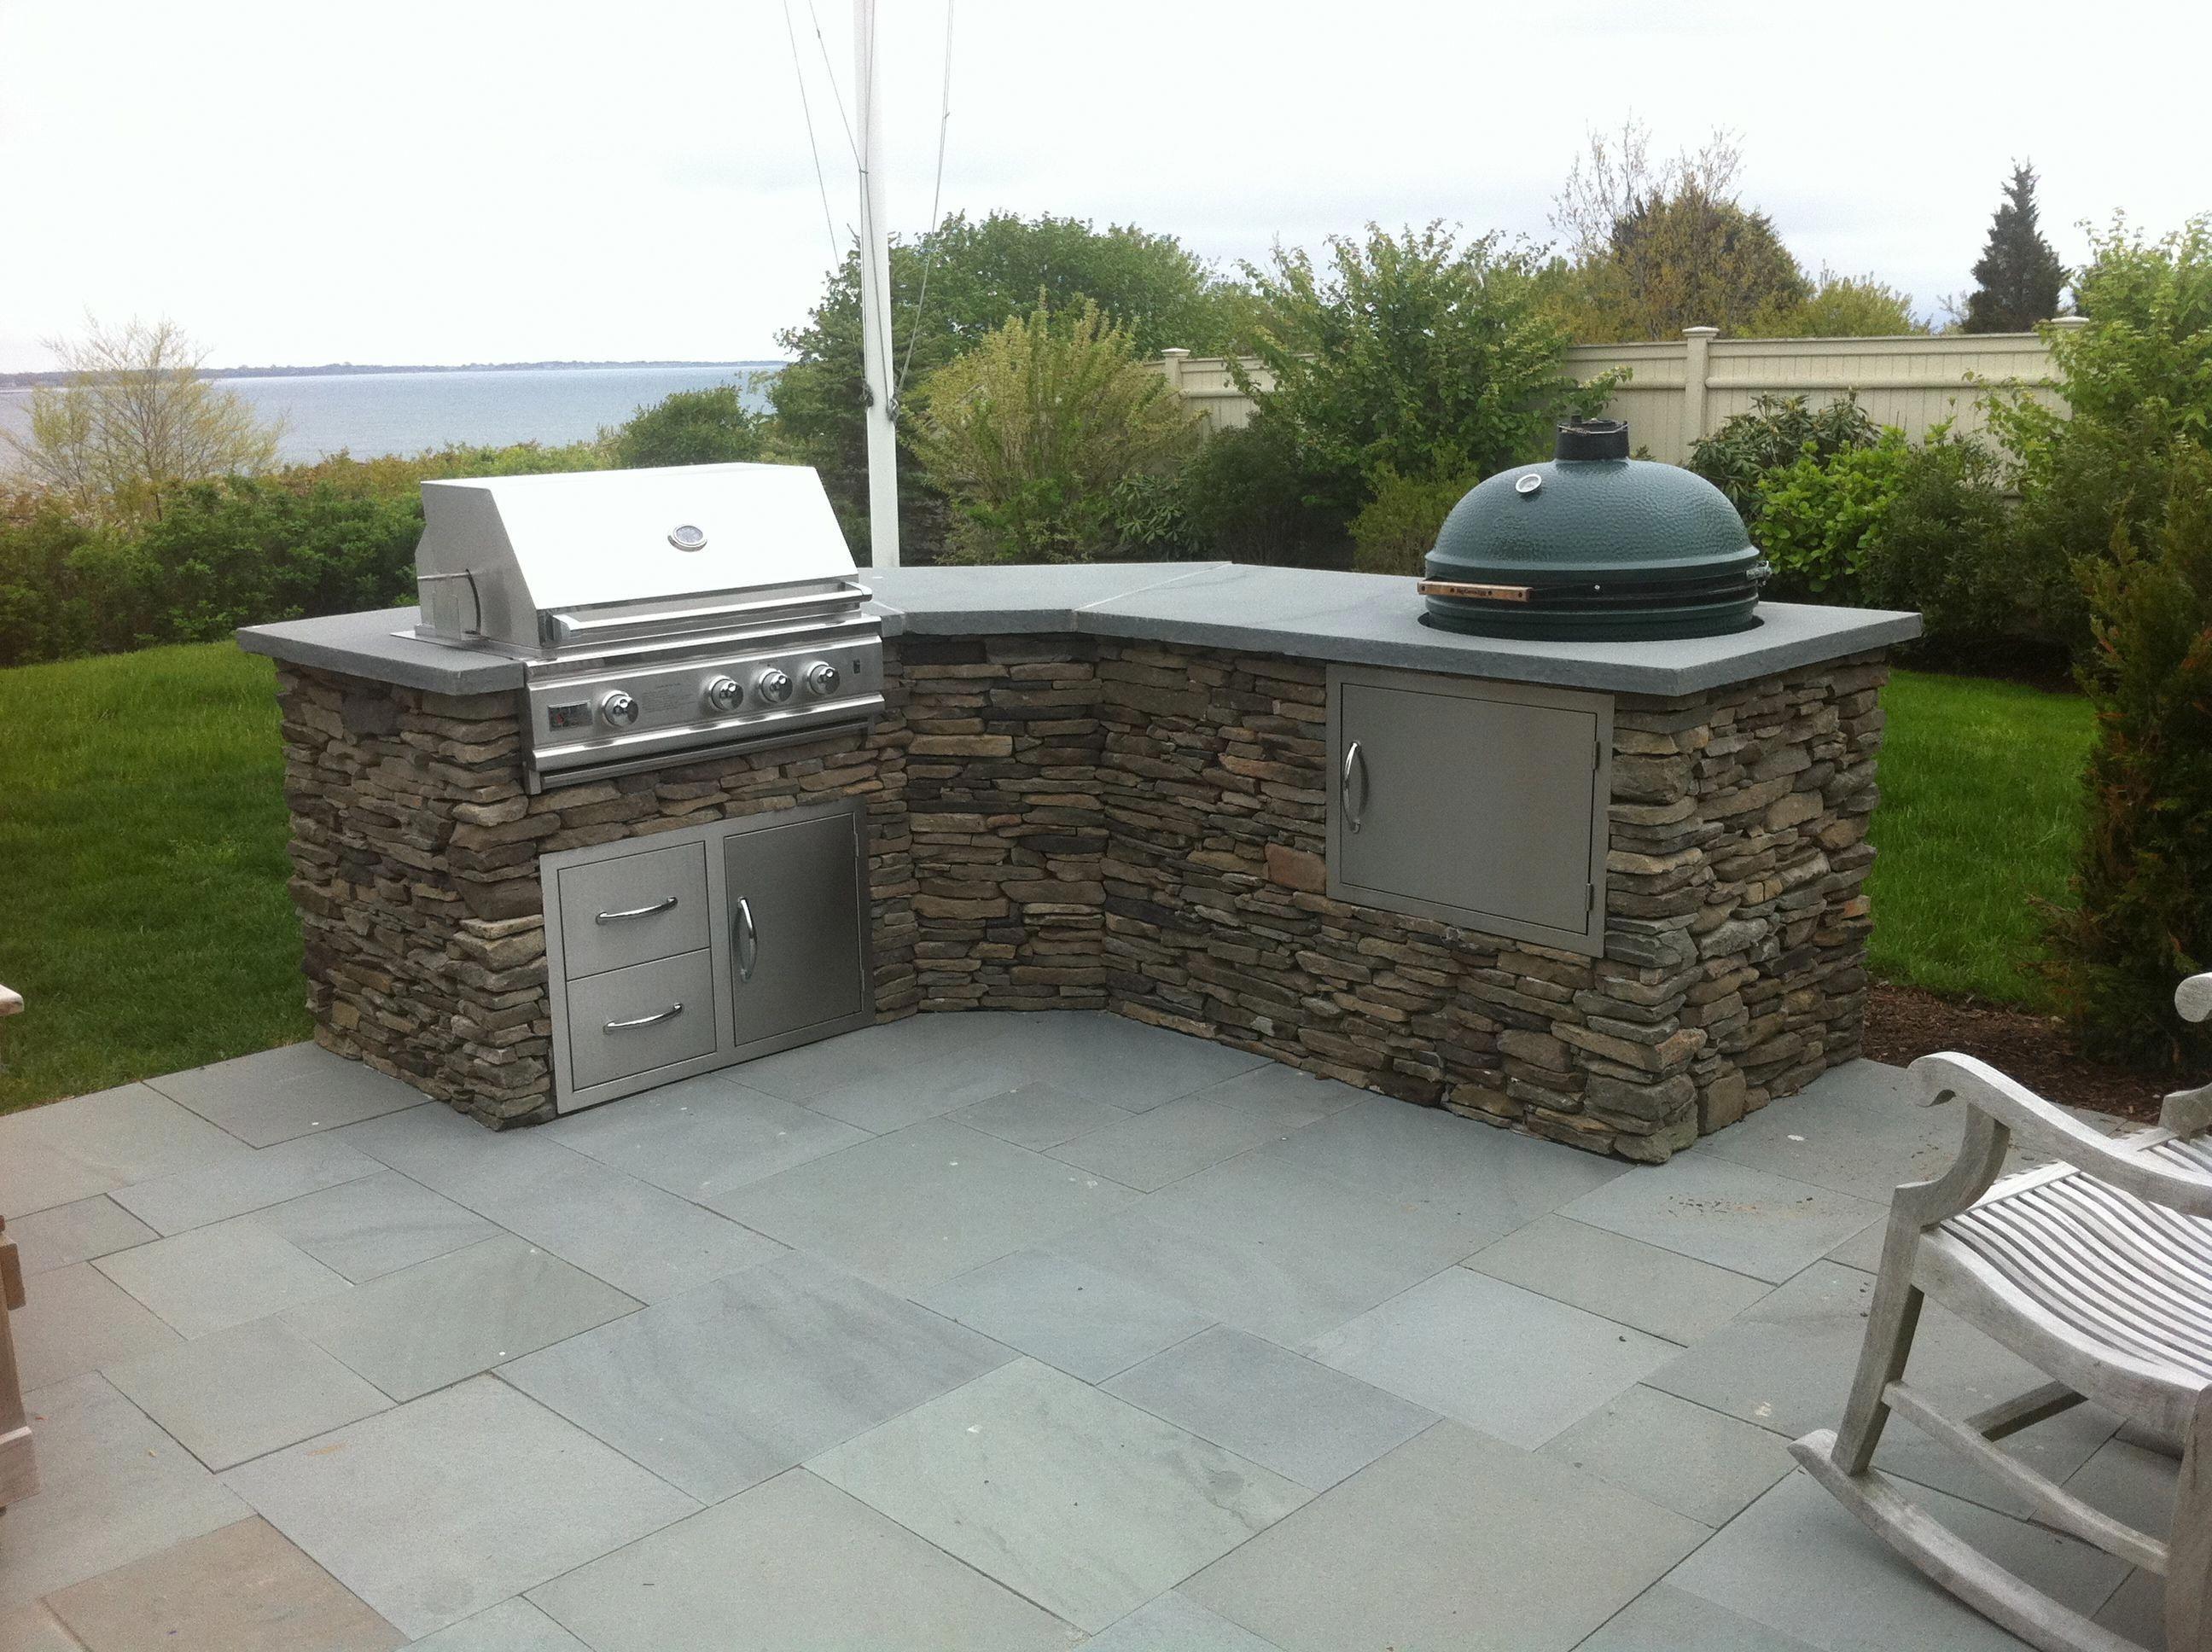 Outdoor Kitchens Outdoor Modular Kitchen Cabinets Outdoor Entertaining Outdoor Kitchen Kits Outdoor Kitchen Design Modular Outdoor Kitchens